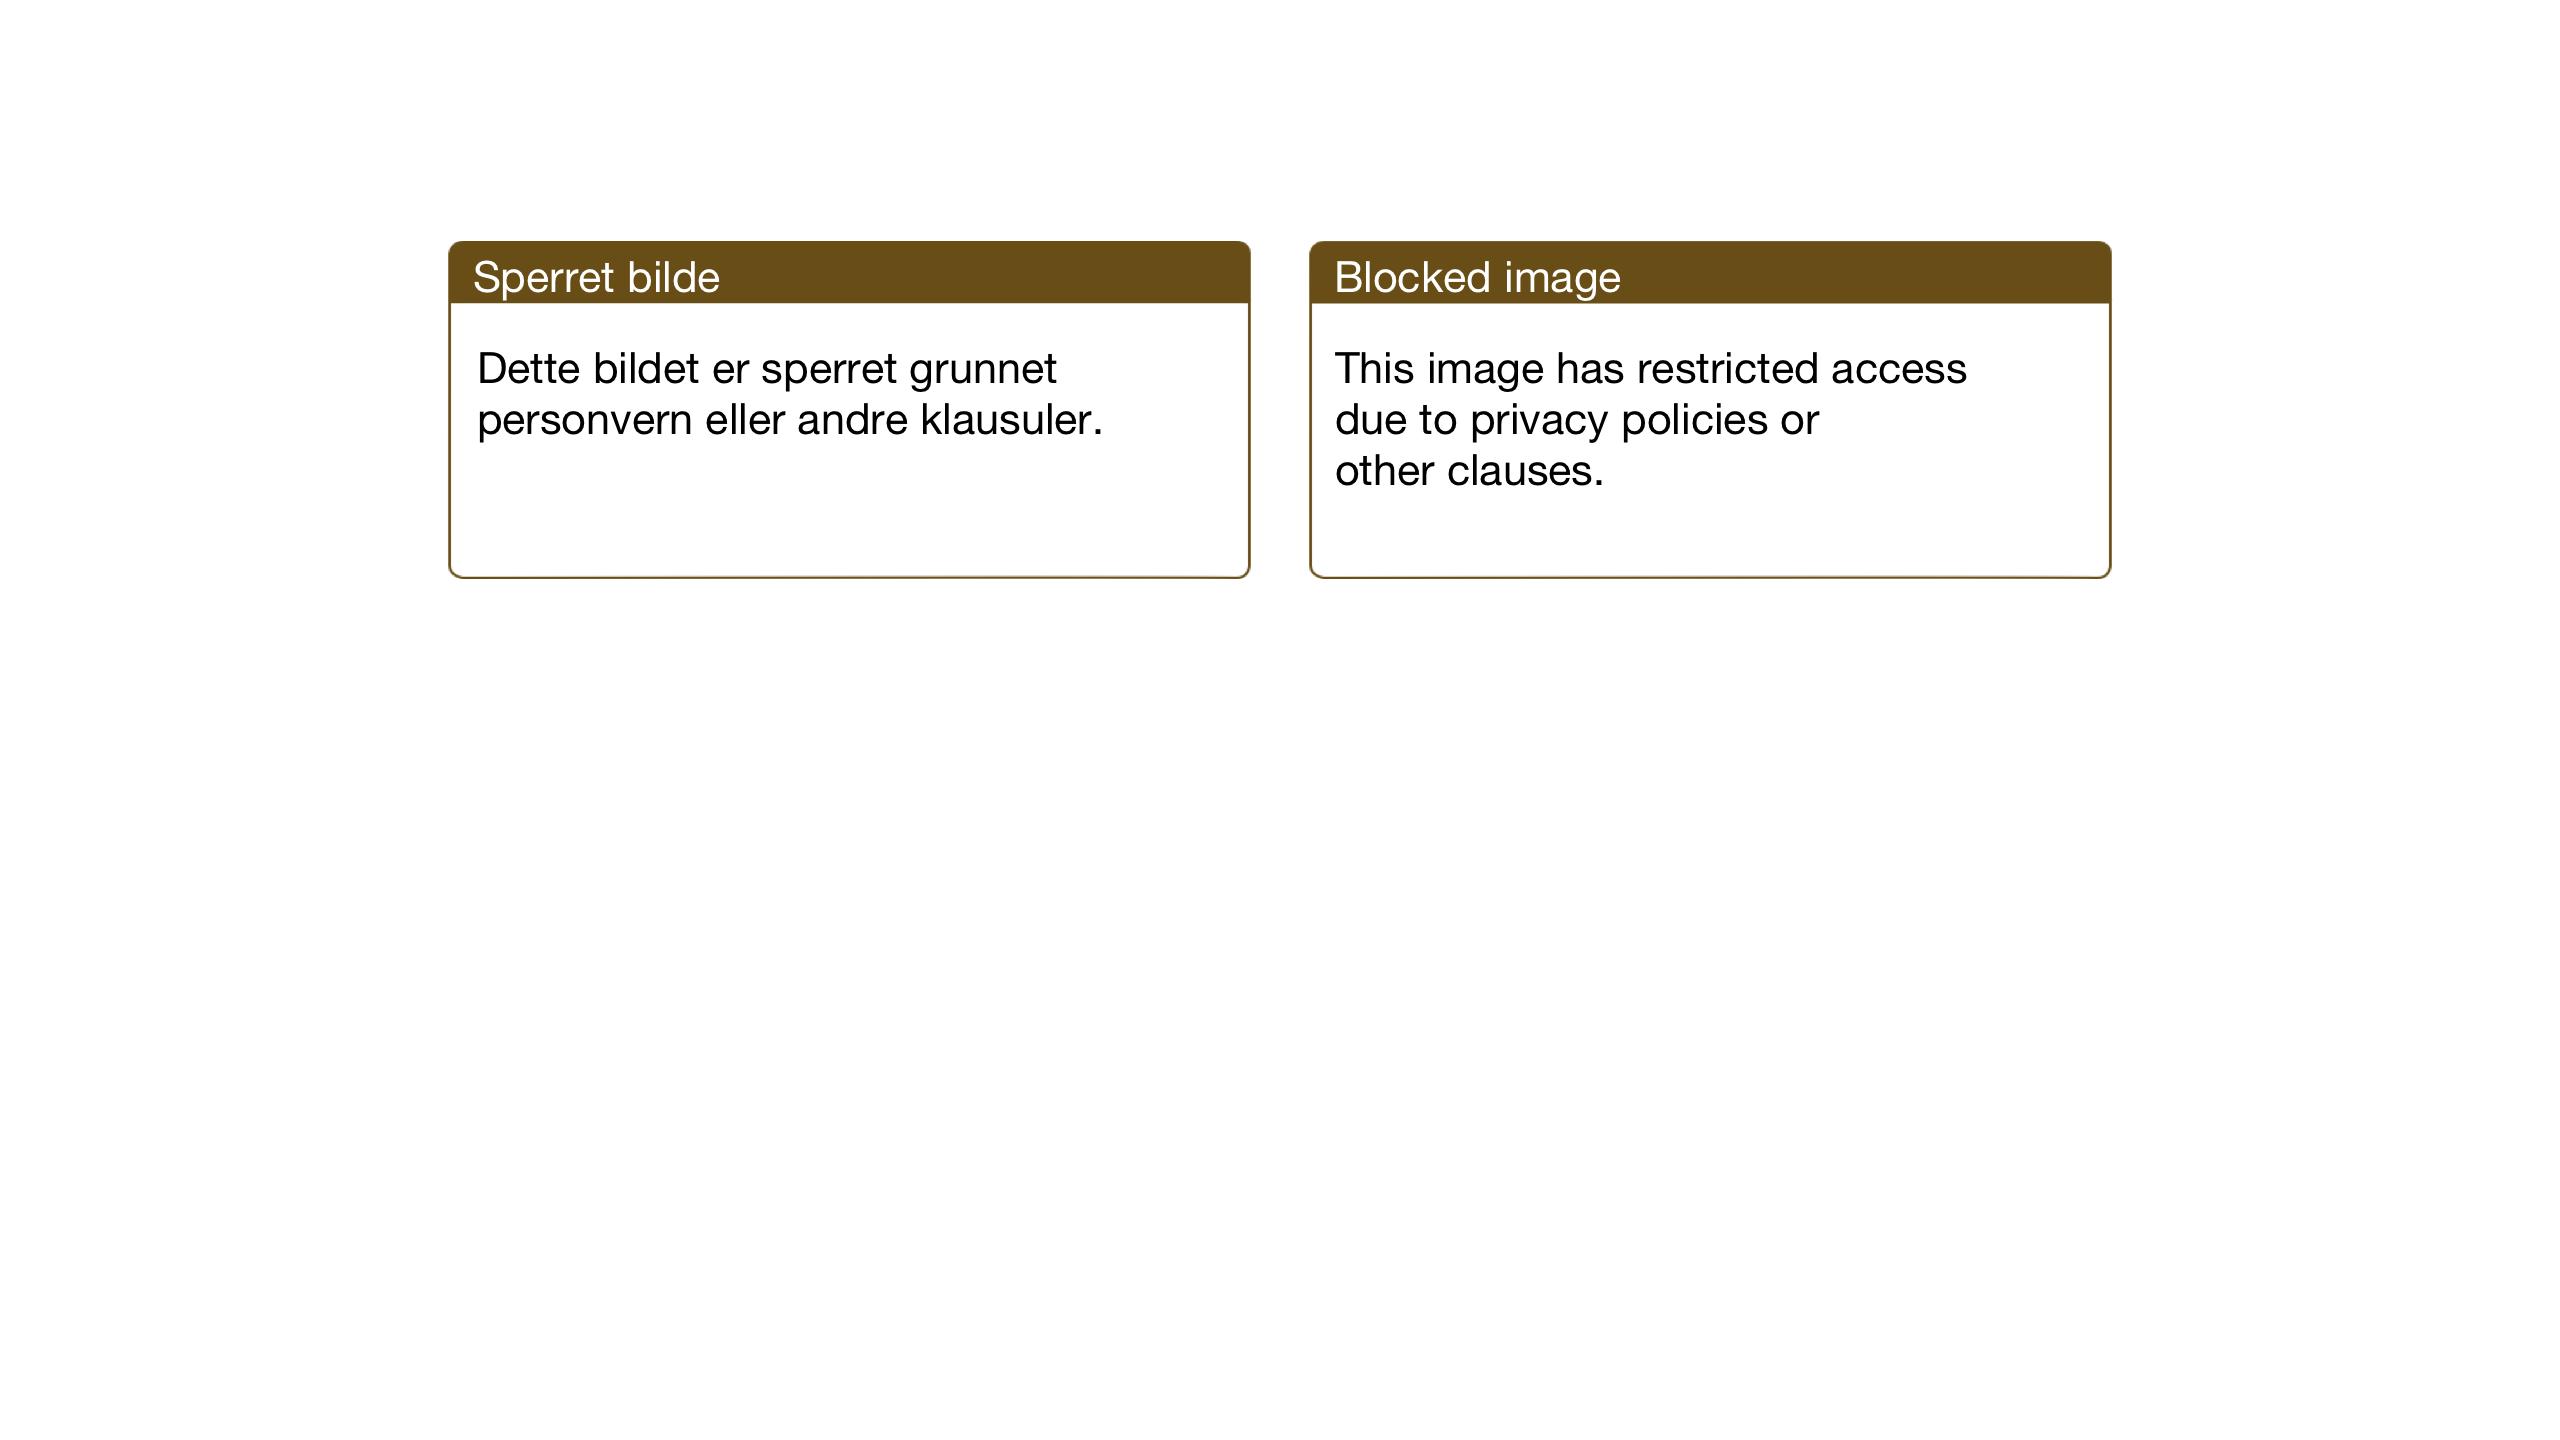 SAT, Ministerialprotokoller, klokkerbøker og fødselsregistre - Nord-Trøndelag, 768/L0583: Klokkerbok nr. 768C01, 1928-1953, s. 86